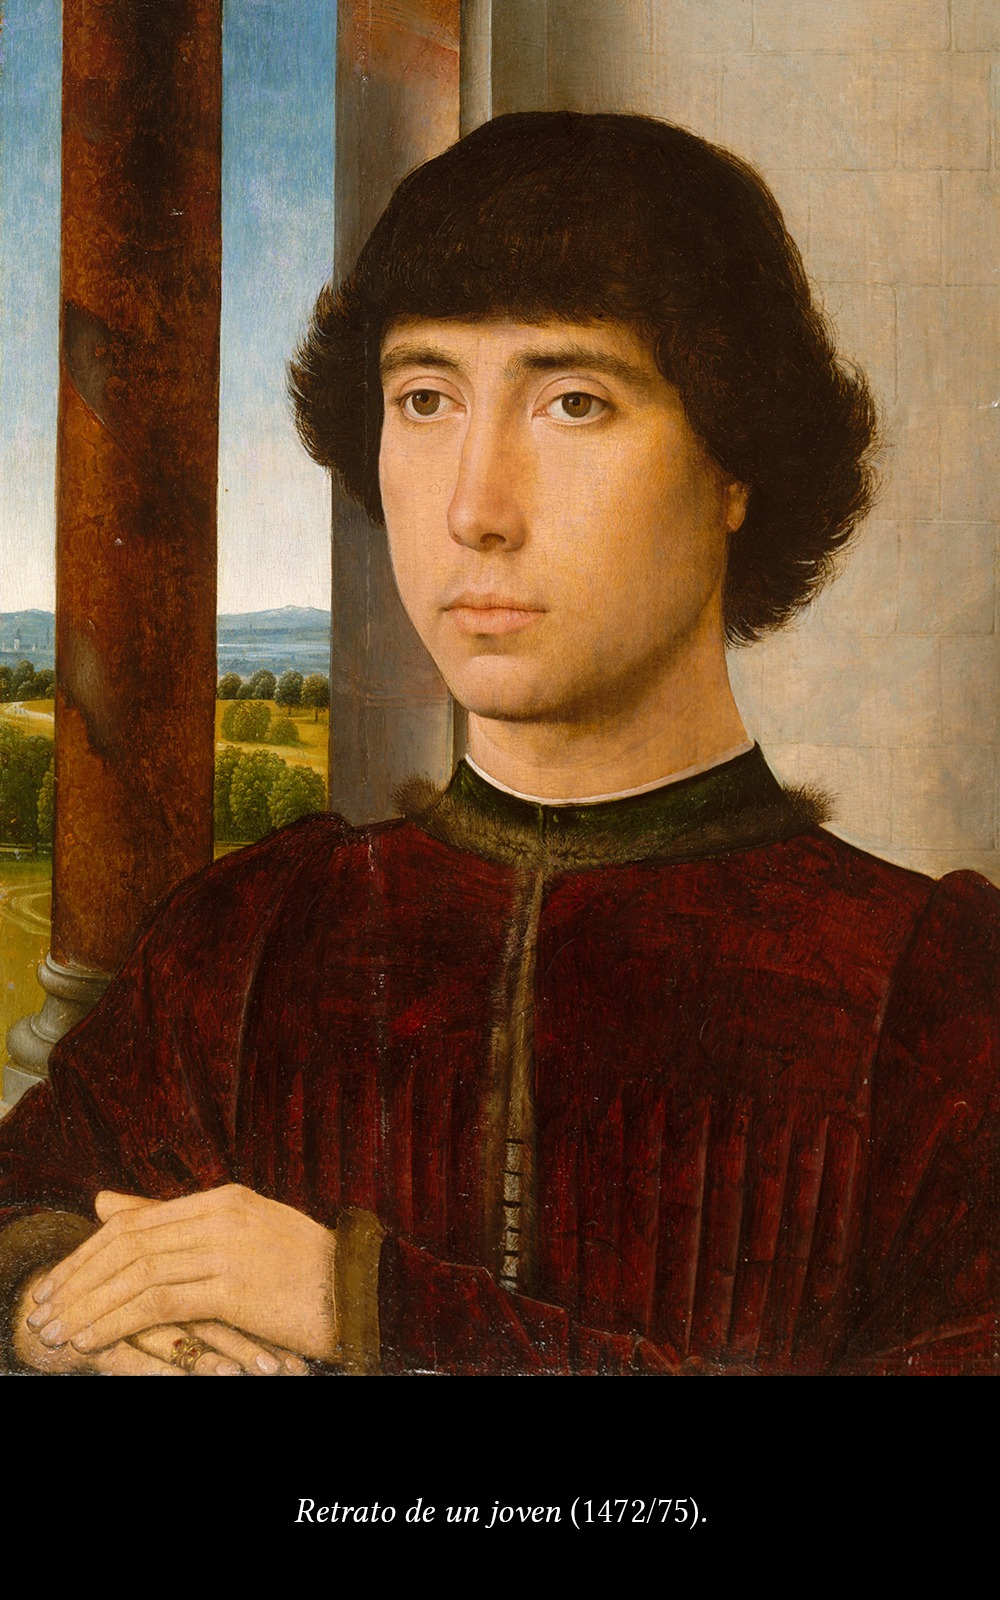 Hans Memling y el modelo de retrato renacentista. - 3